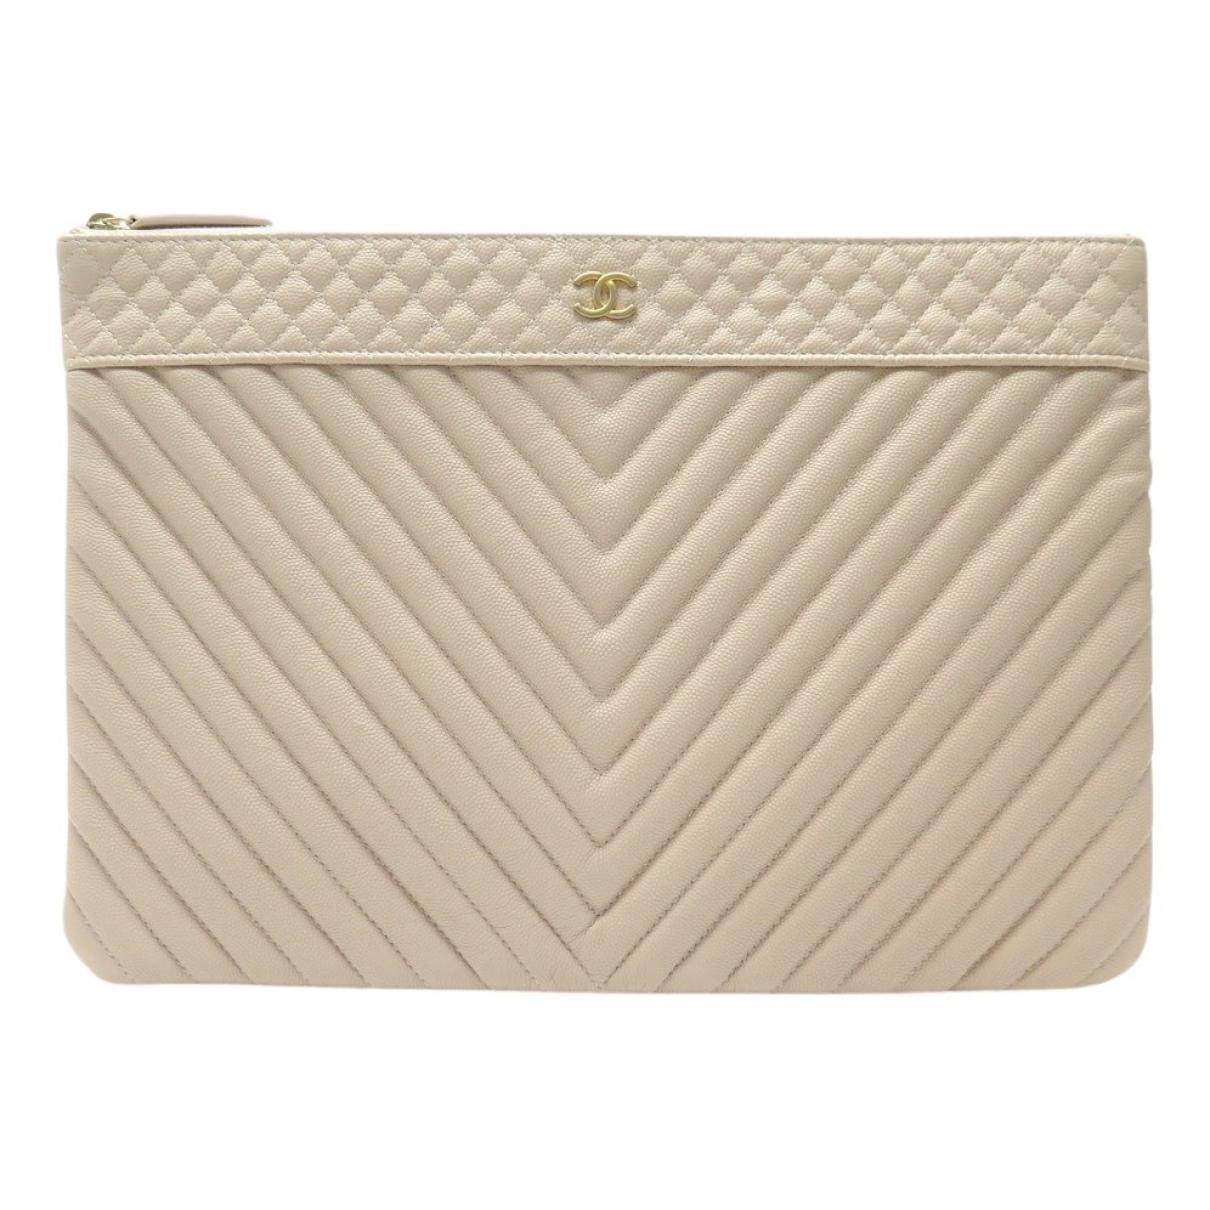 Chanel - Pochette   pour femme en cuir - beige